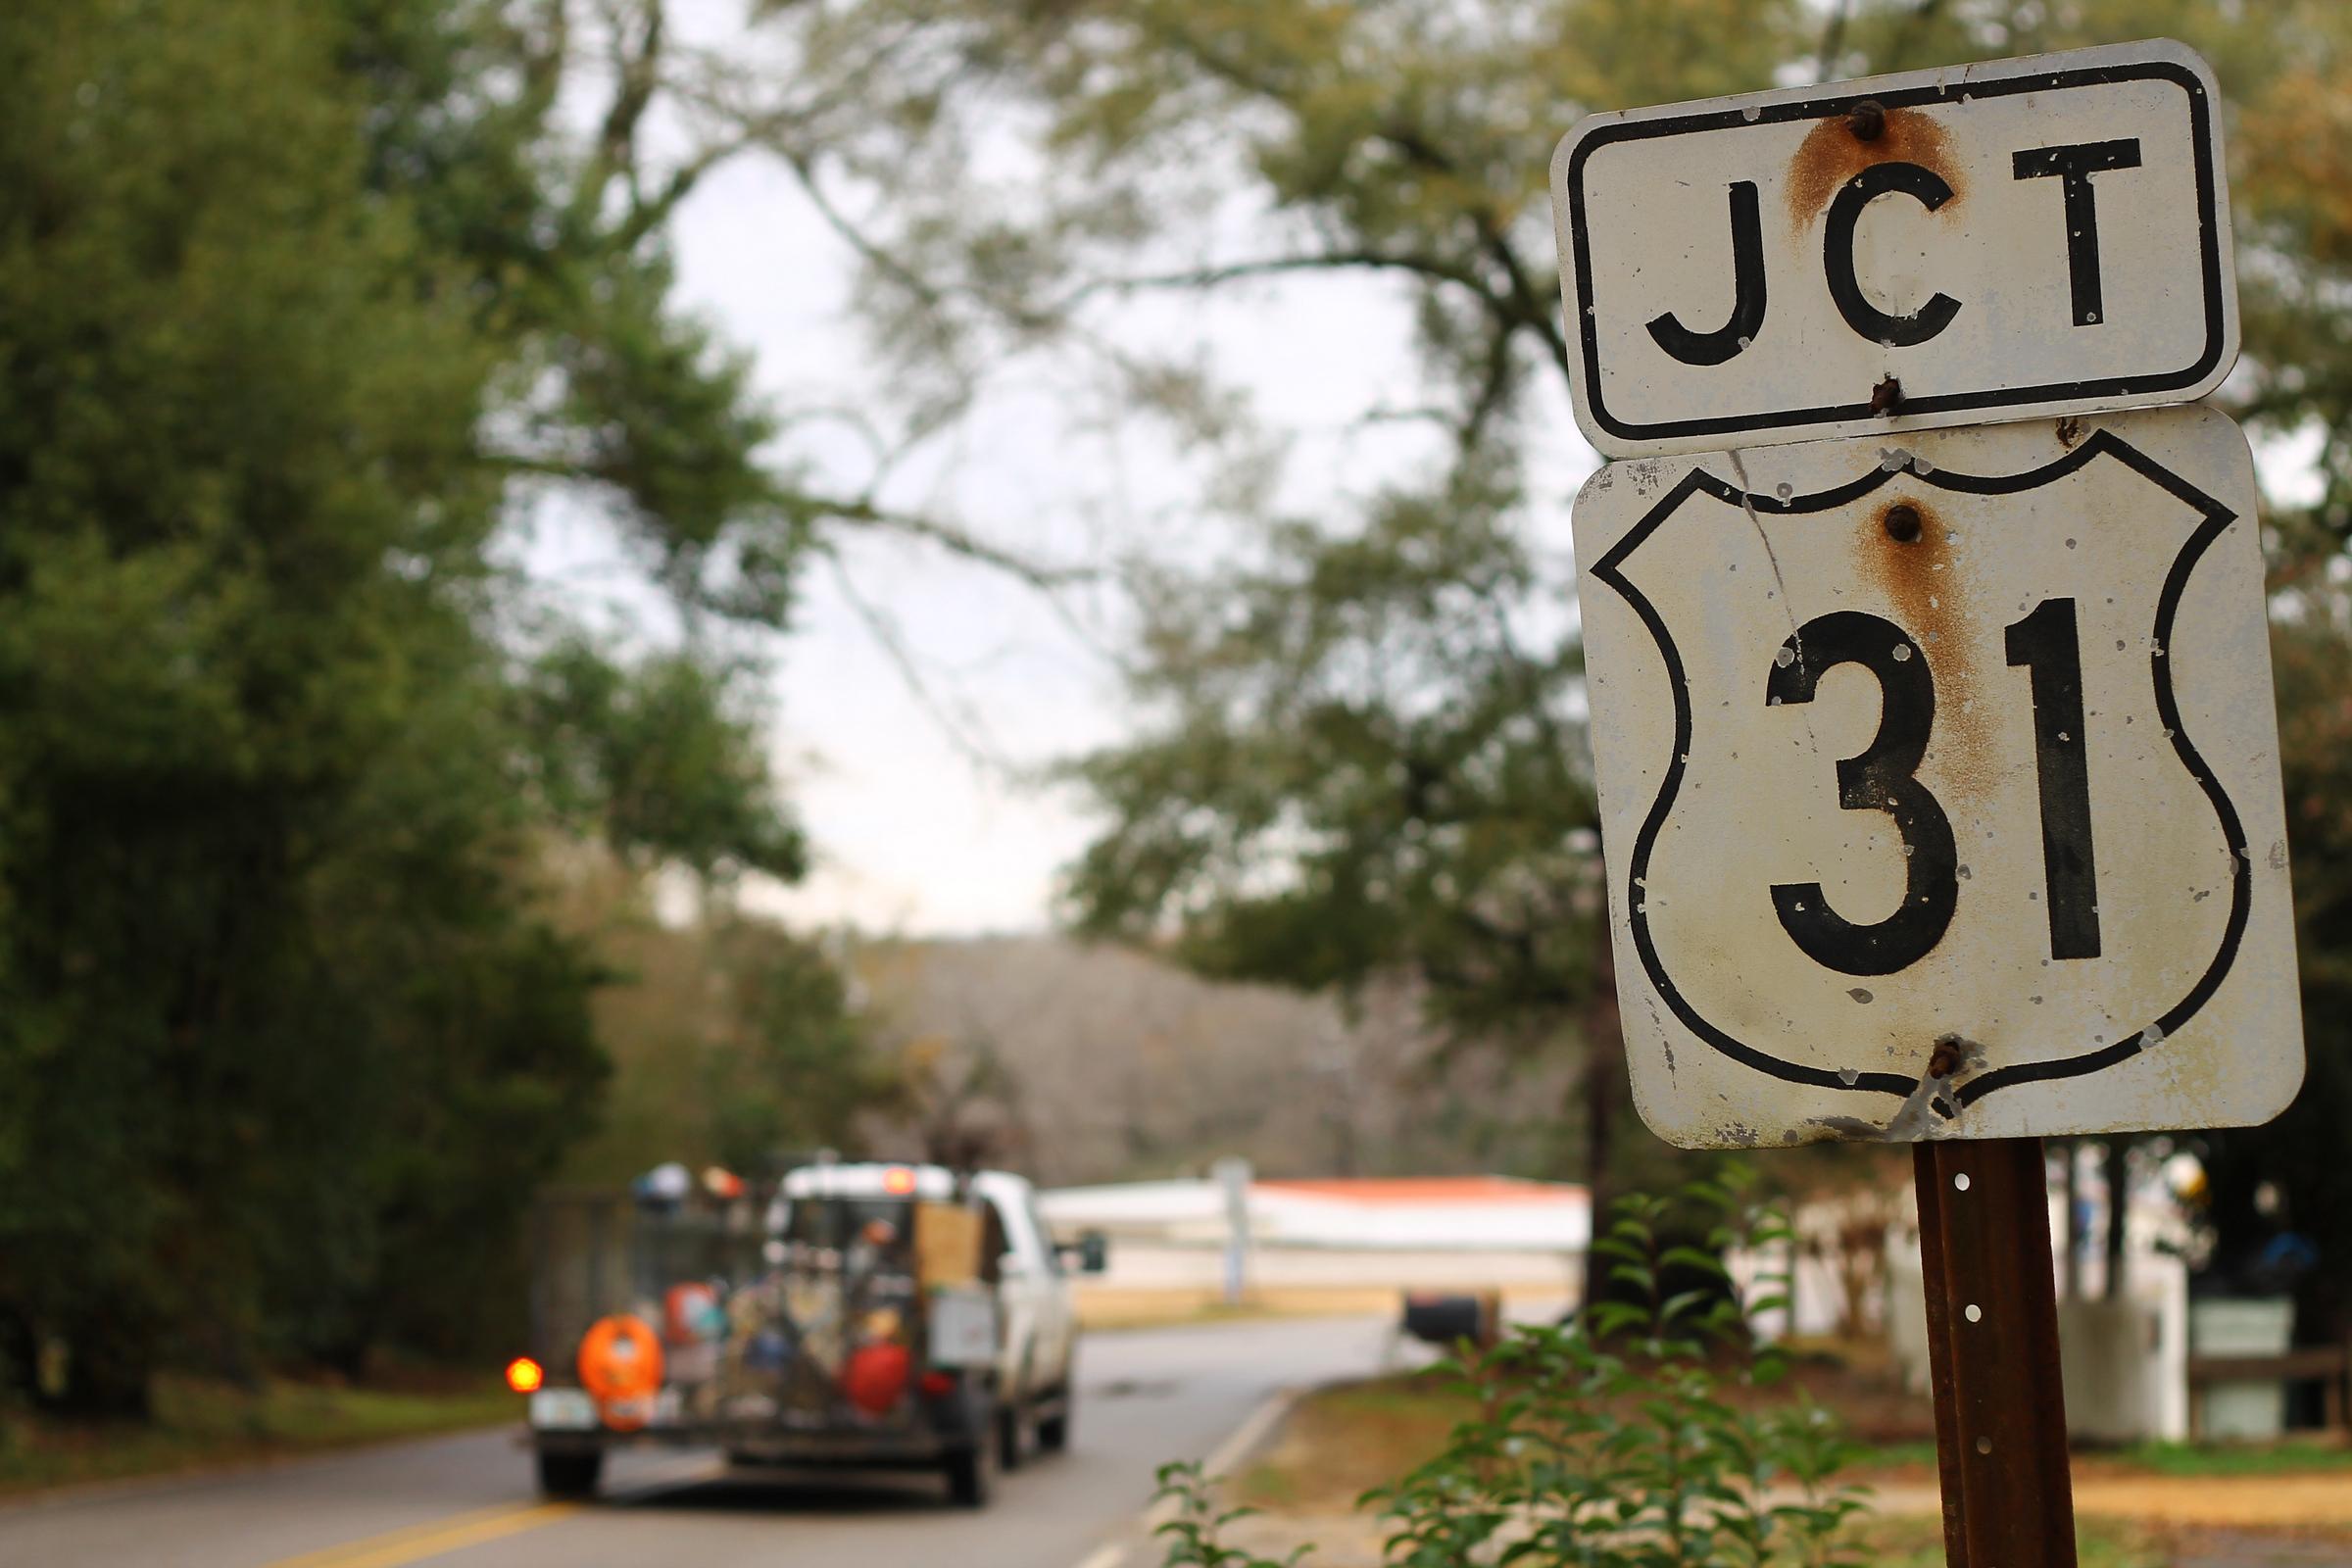 US-31 sign Alabama